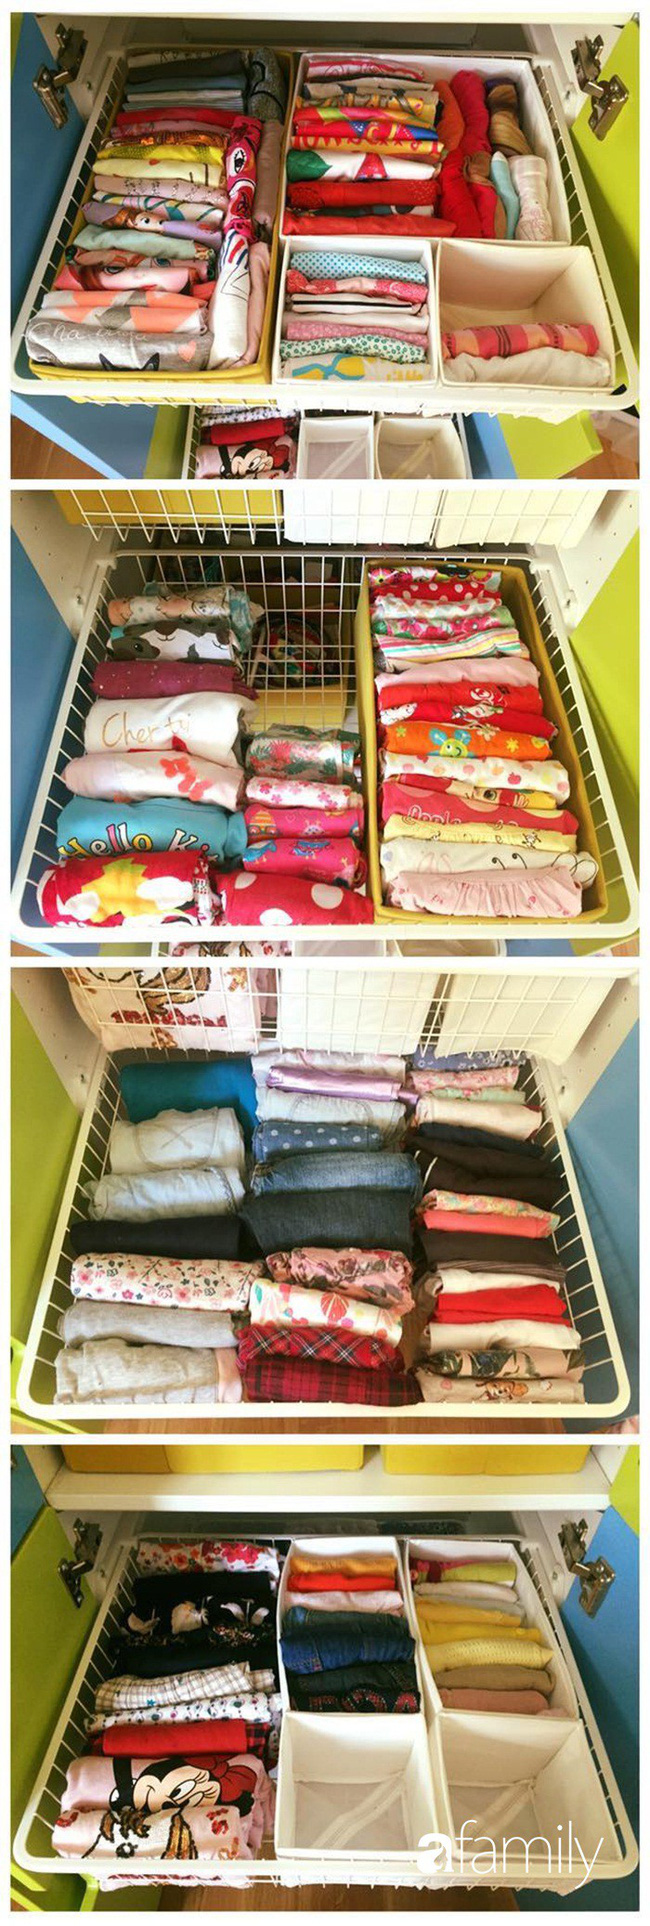 Mẹ Việt học người Nhật cách sắp xếp tủ đồ giúp nhà luôn gọn đẹp - Ảnh 3.